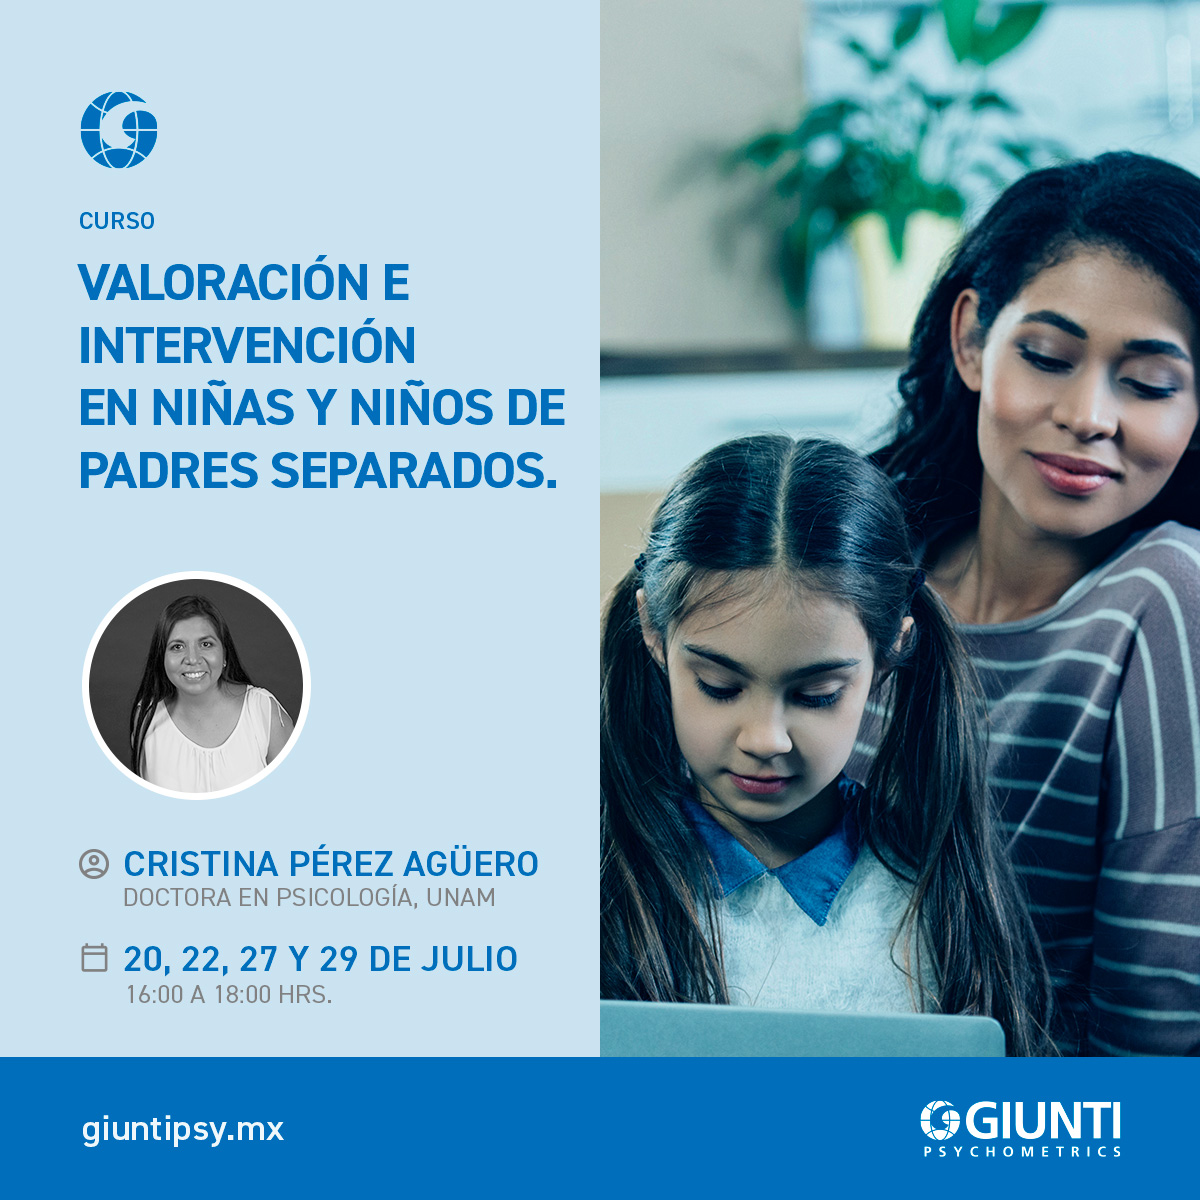 Valoración e Intervención en niñas y niños de padres separados